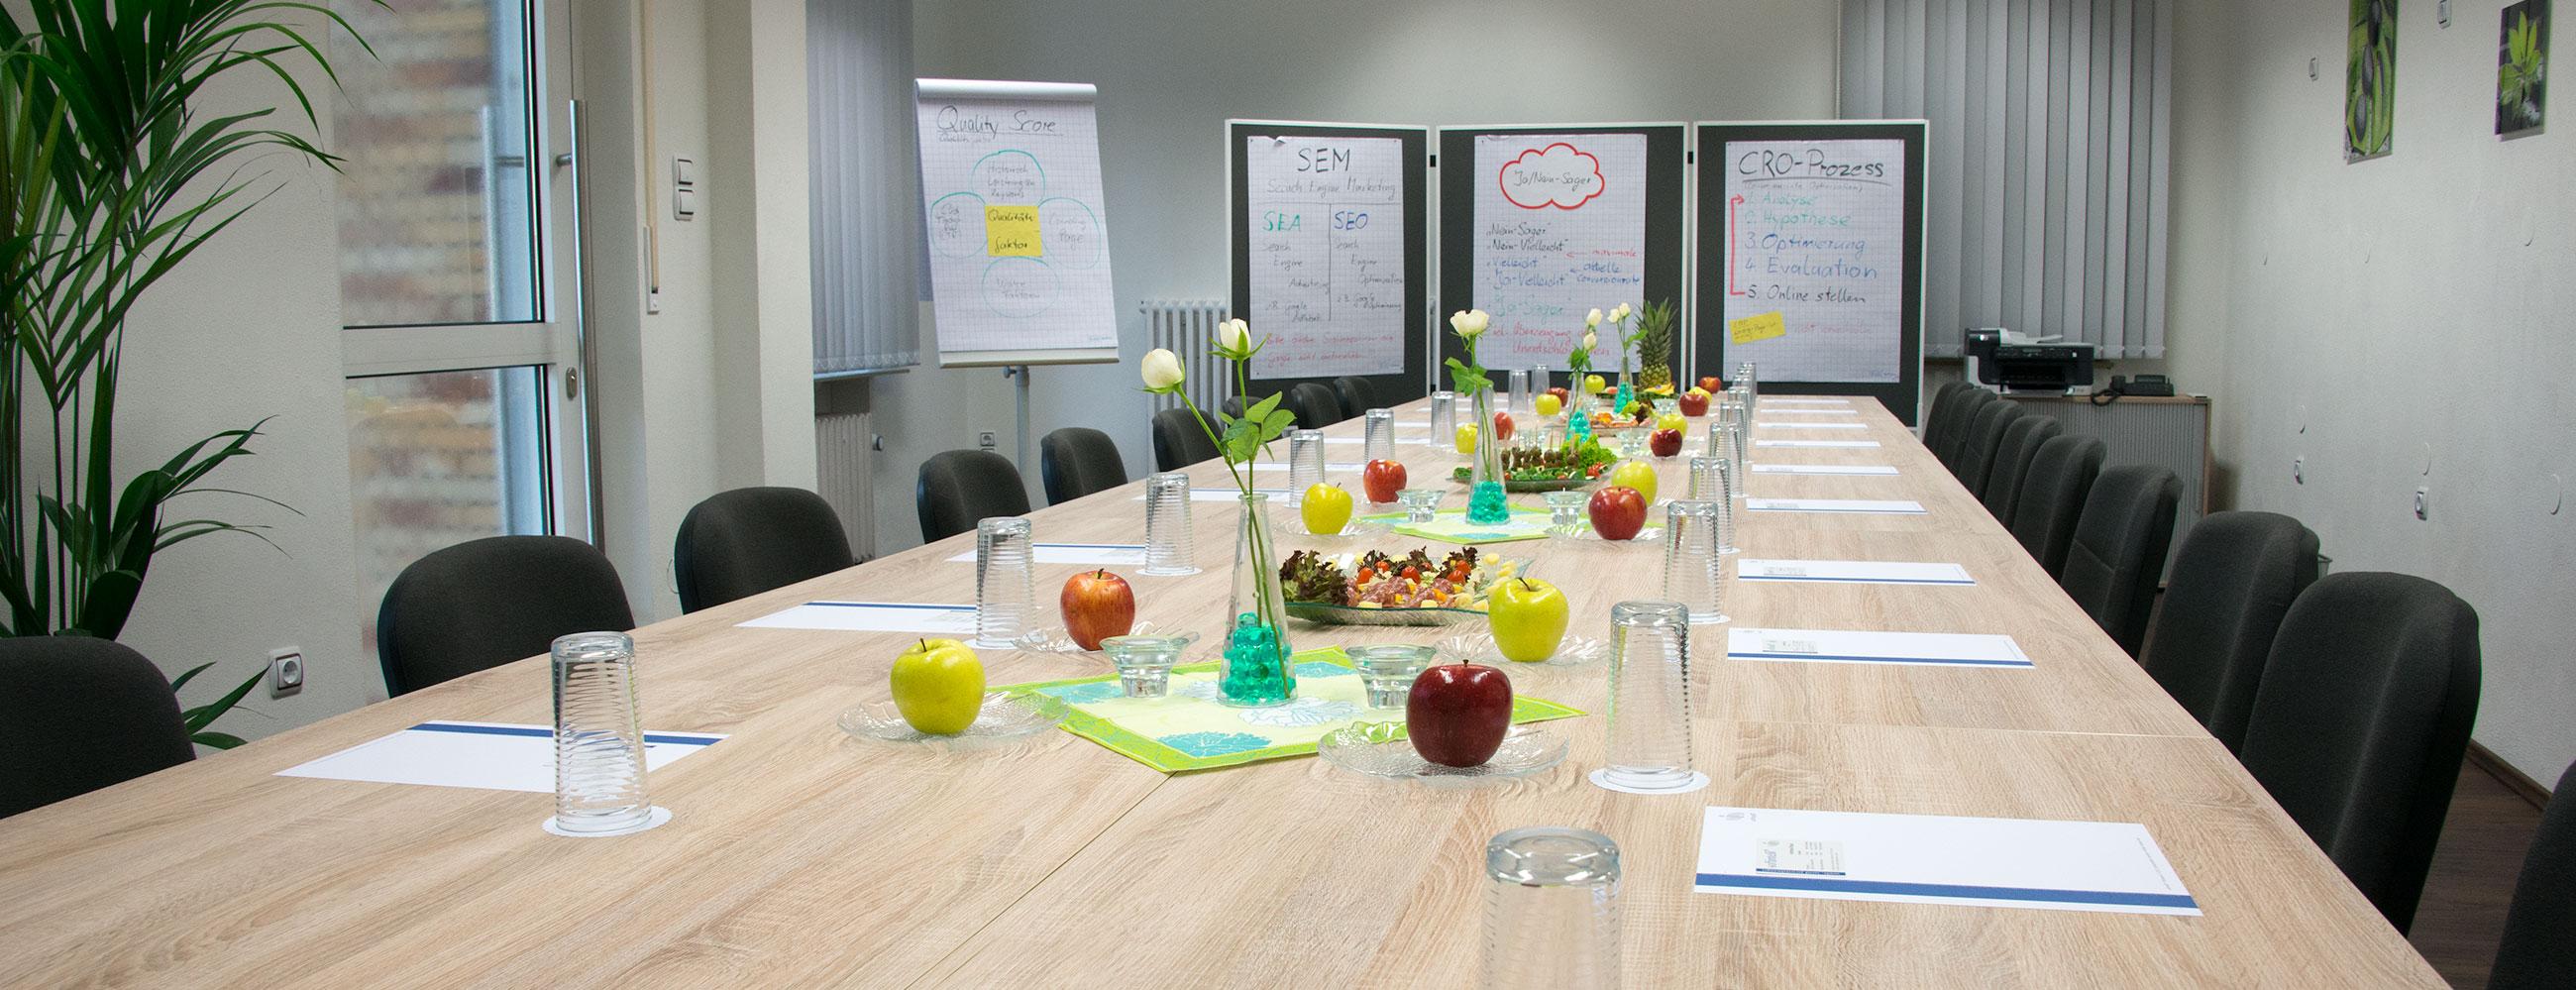 Seminare Schulungsraum Softintelli